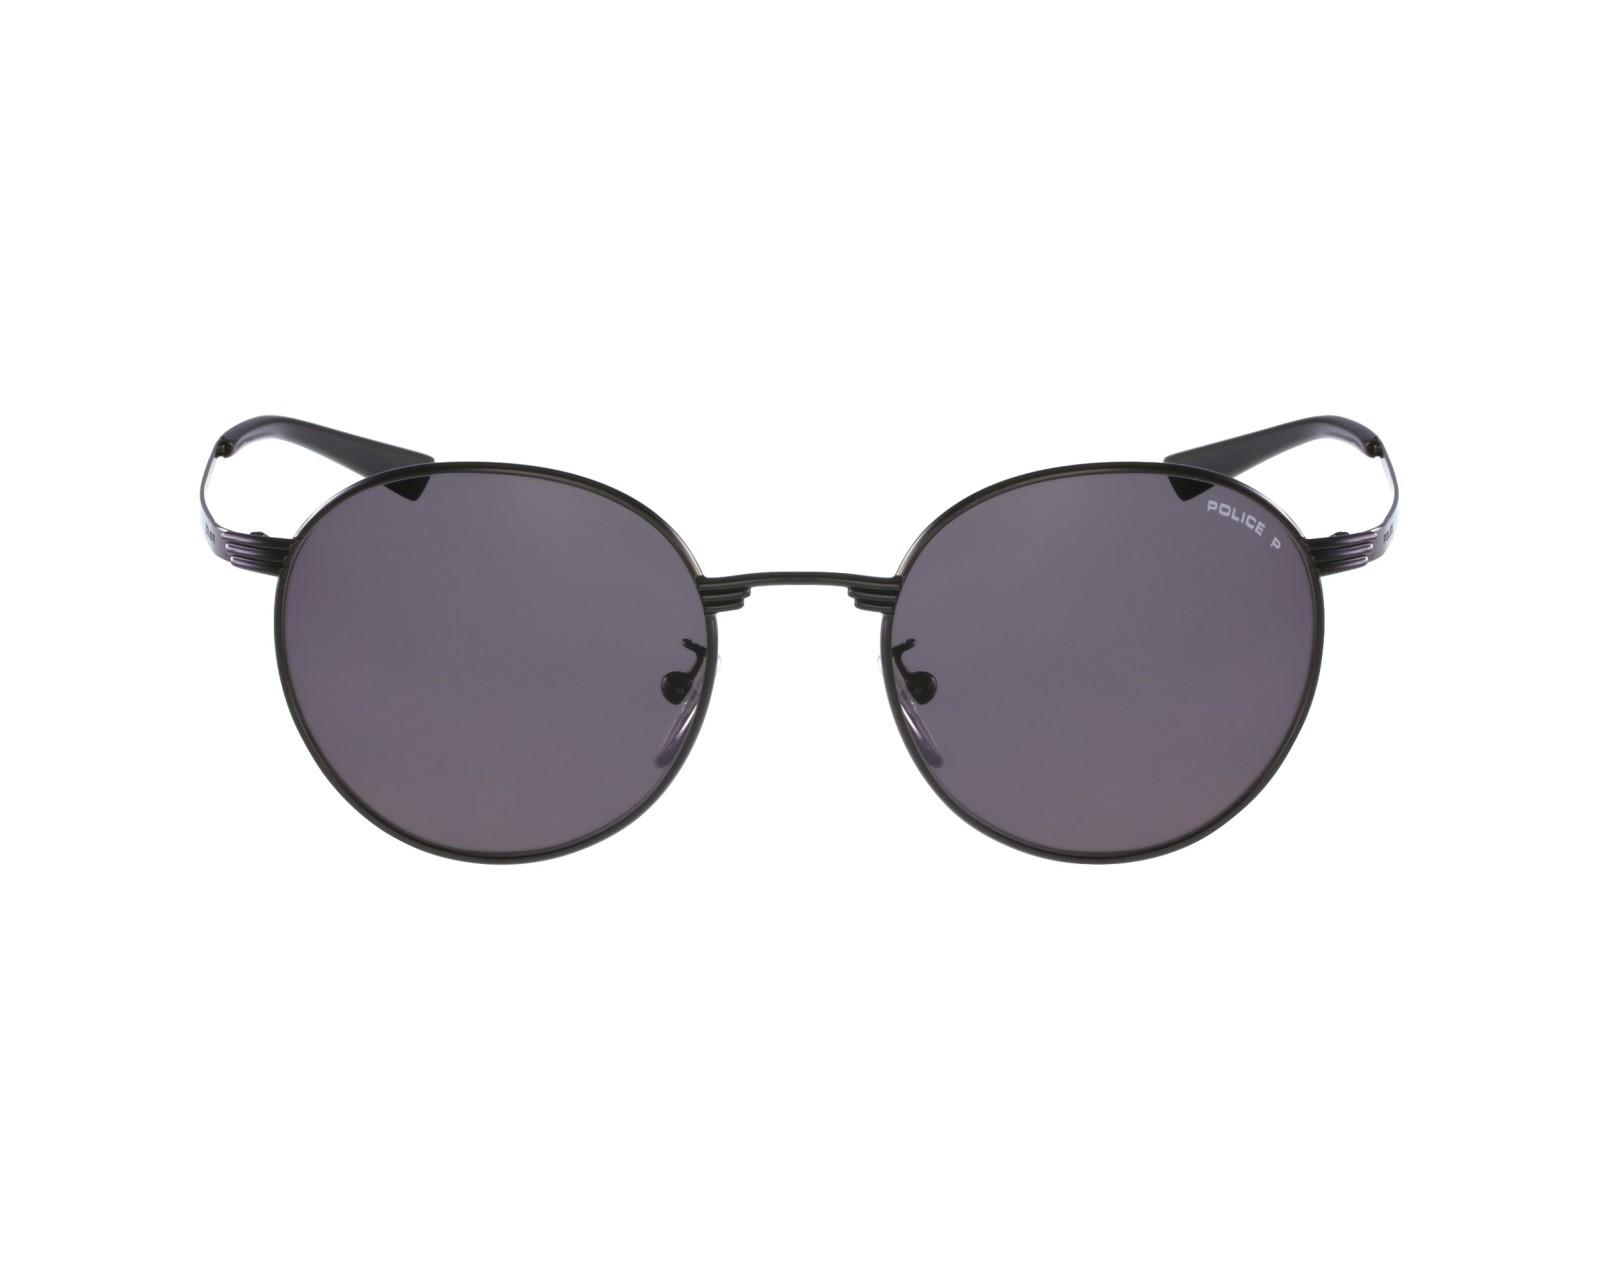 lunettes de soleil police s 8954 568p noir avec des verres gris pour hommes. Black Bedroom Furniture Sets. Home Design Ideas